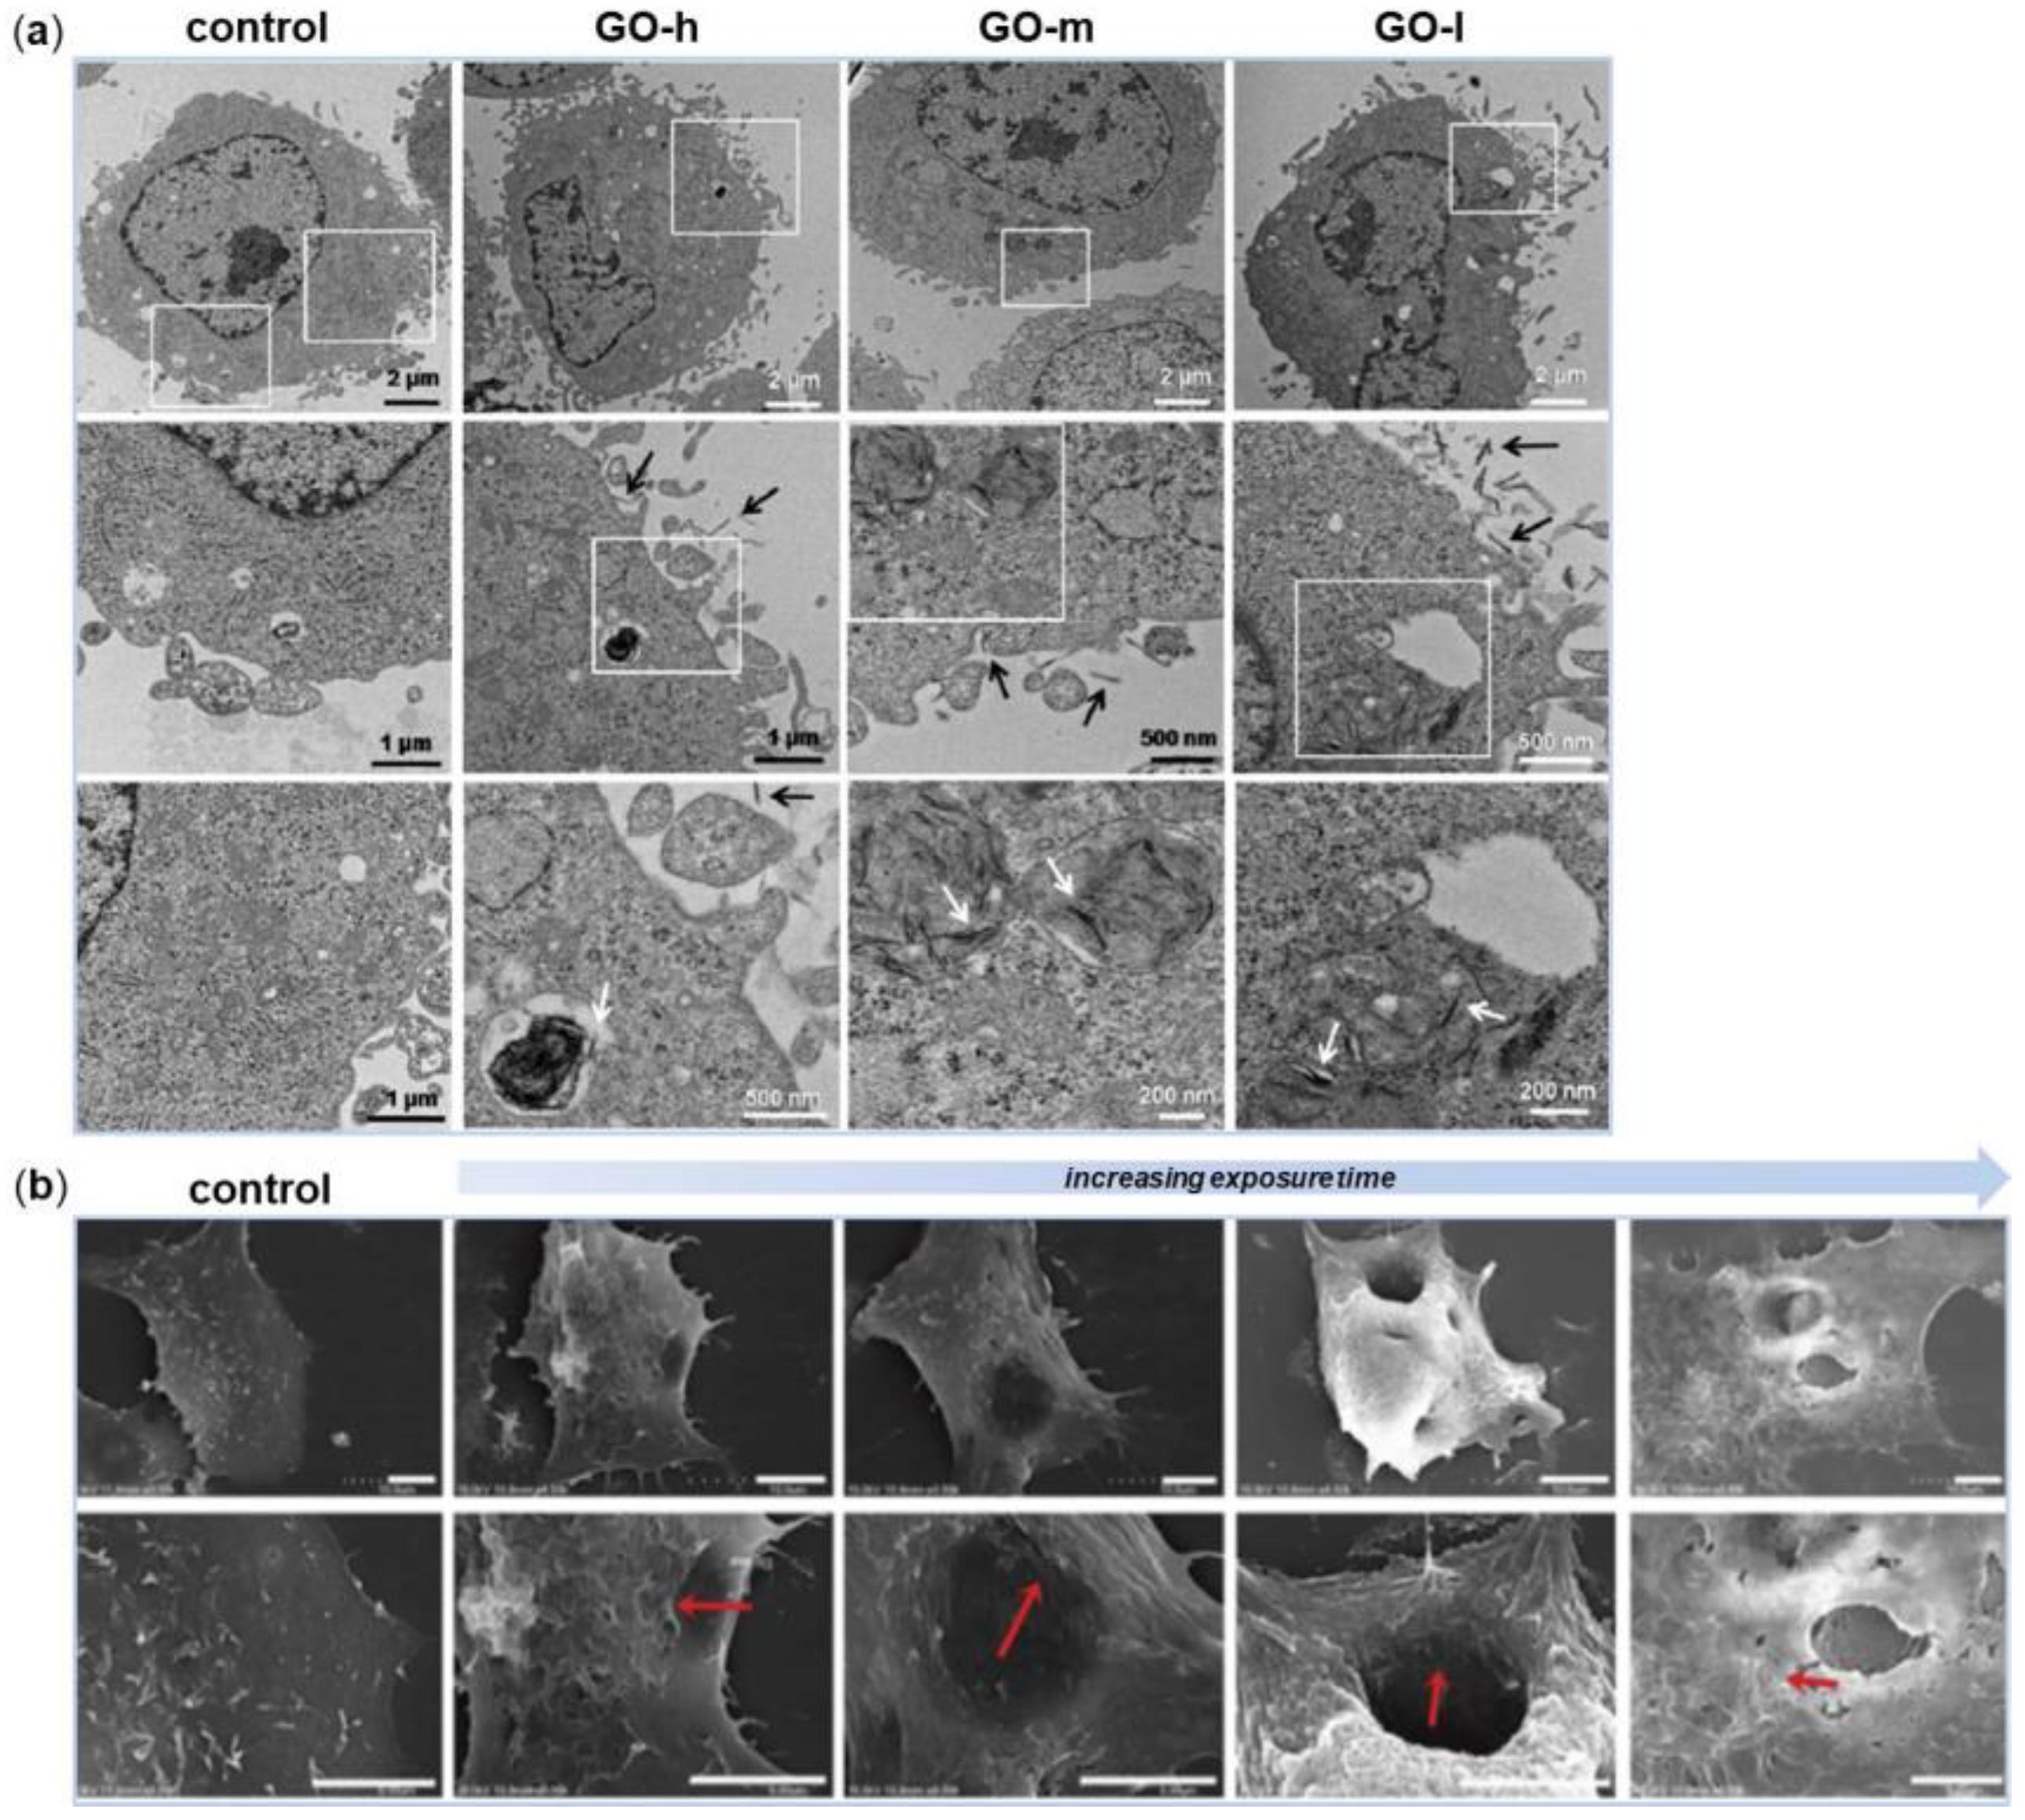 Nanomaterials Free Full Text Graphene Based For 3d Plant Cell Diagram 8 Grade Image Galleries Imagekbcom 08 00349 G002